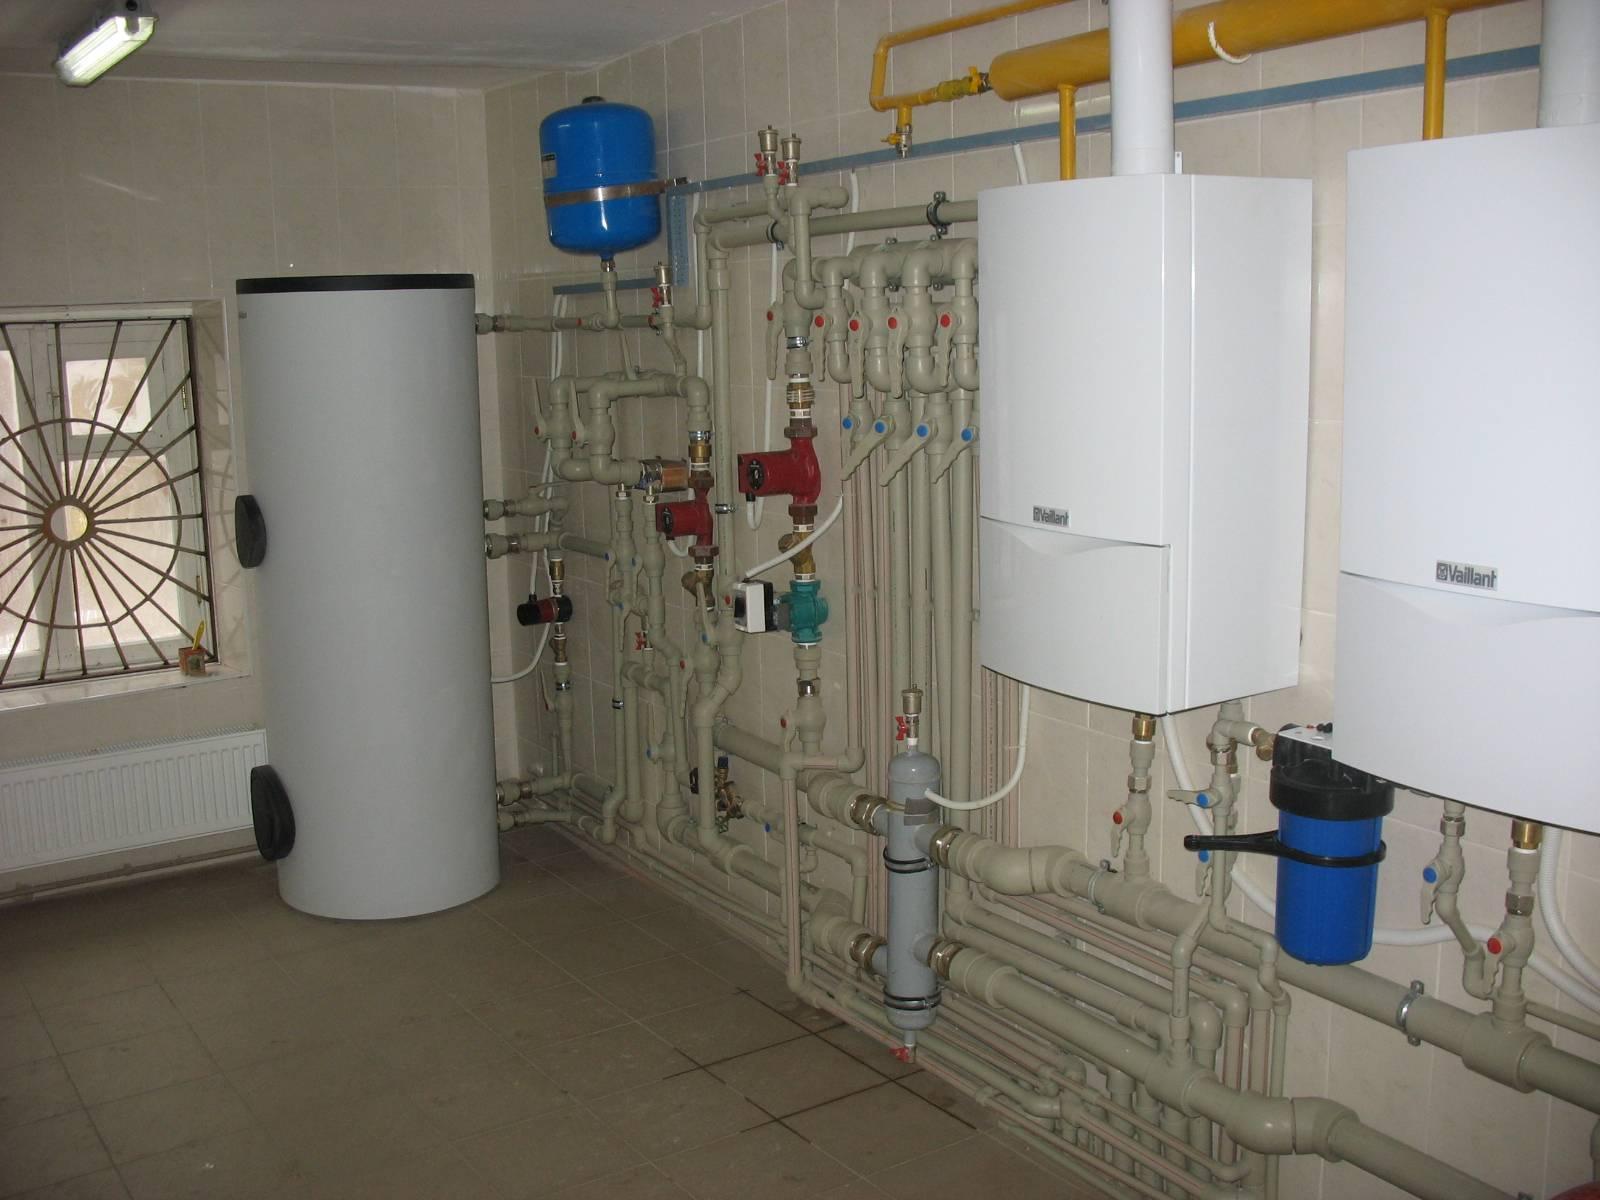 Как рассчитать отопление в доме, расчет отопительной системы коттеджа своими руками: инструкция, фото и видео-уроки, цена